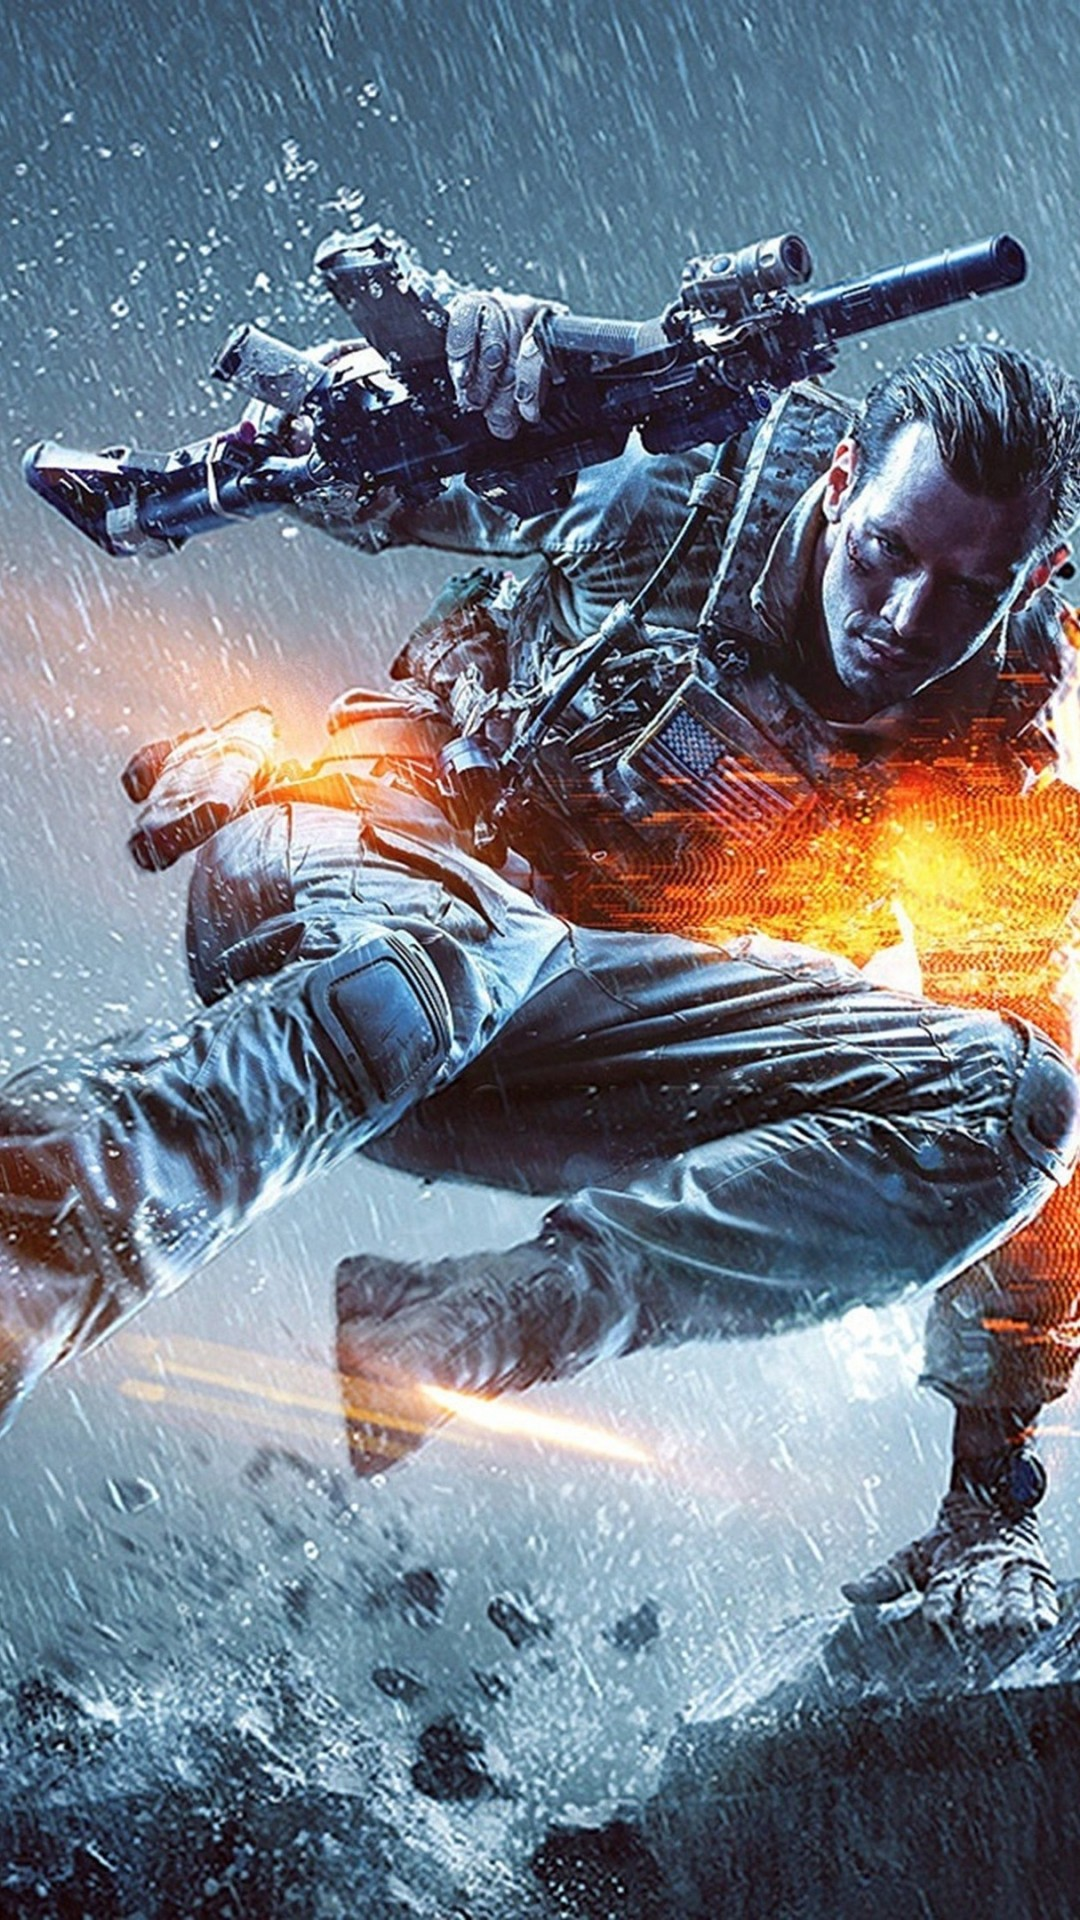 Battlefield 4K Ultra HD wallpaper 4k WallpaperNet 1080x1920